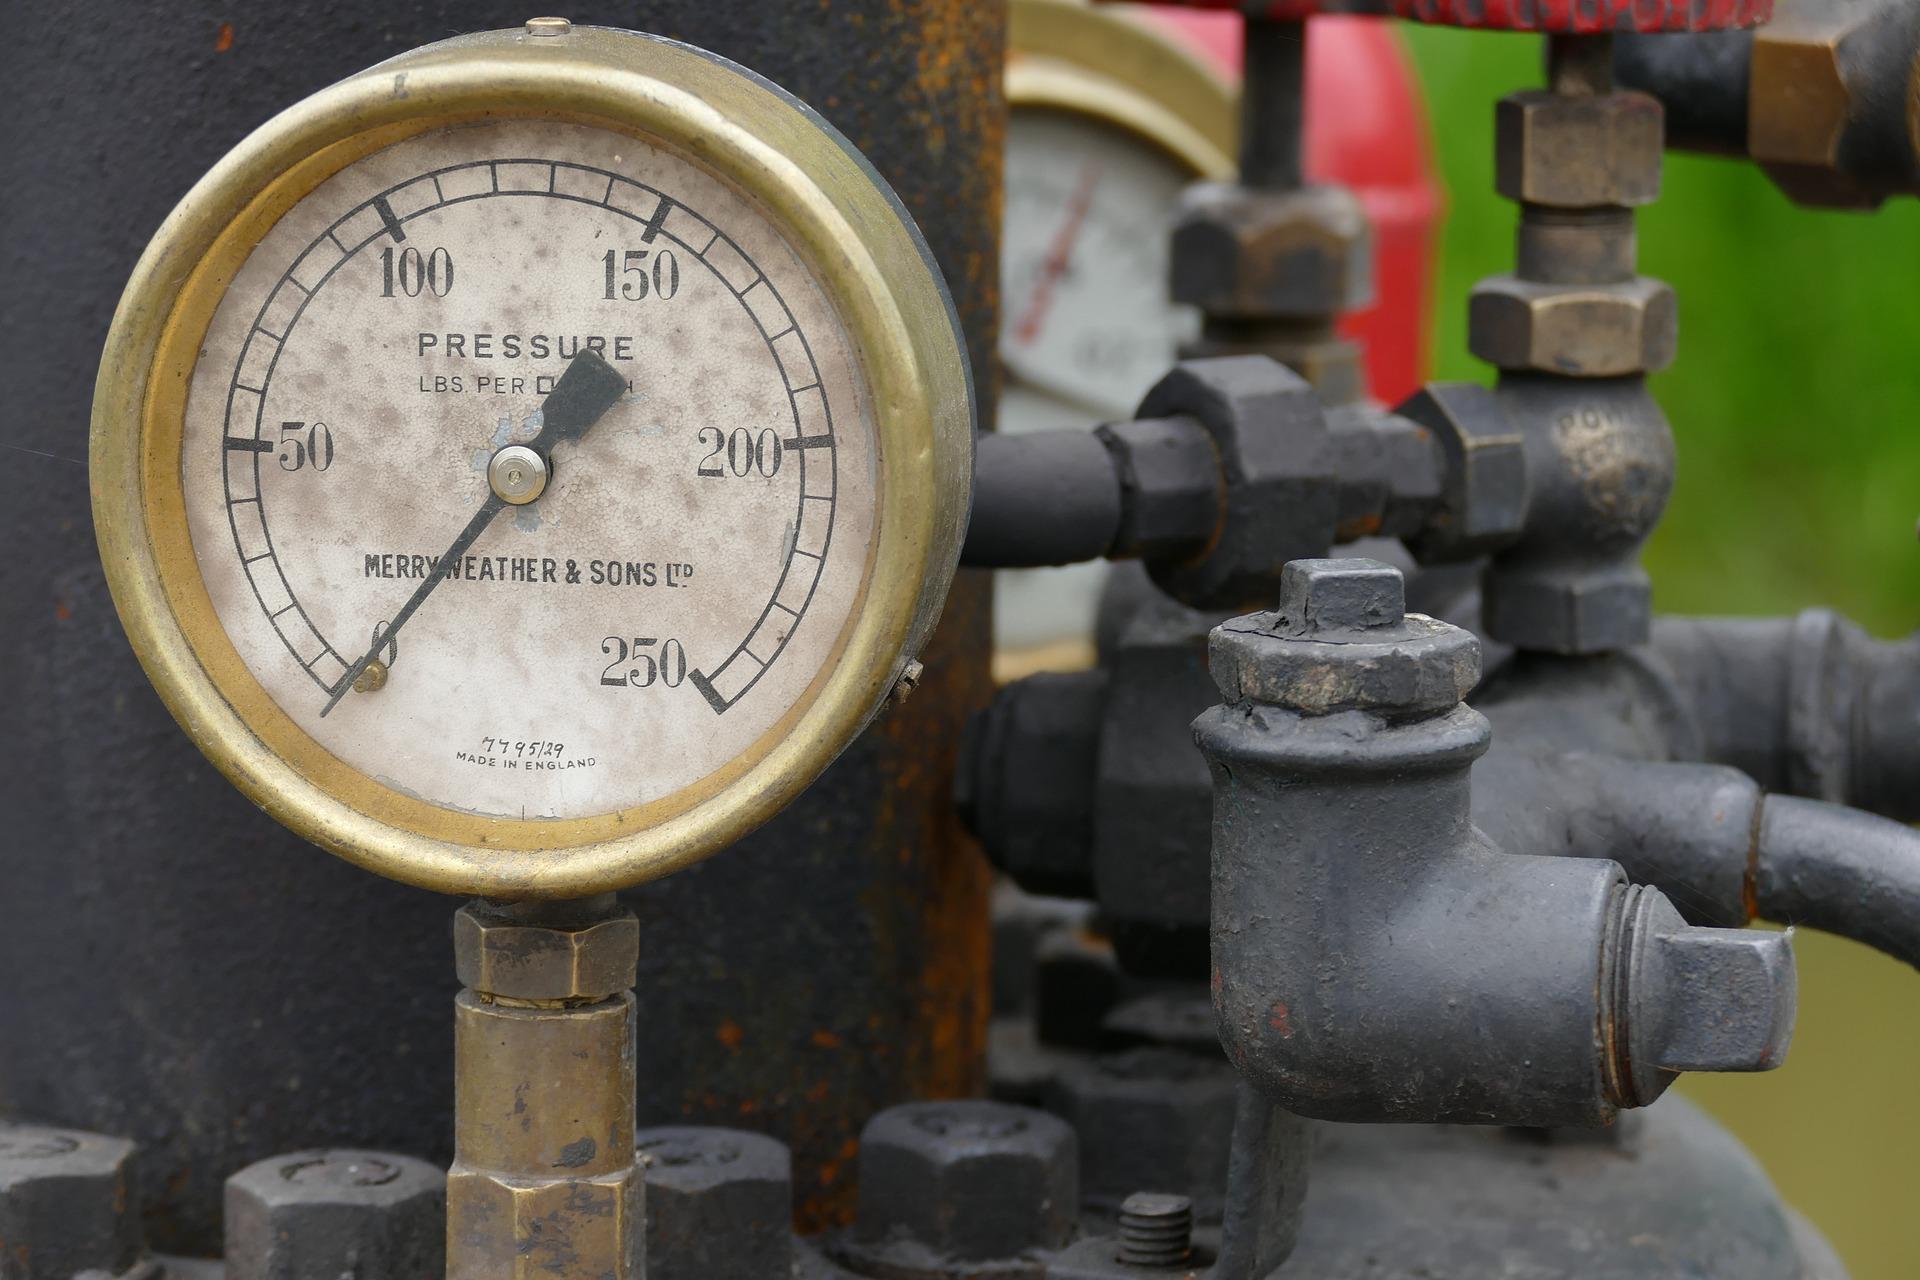 pressure-862180_1920.jpg